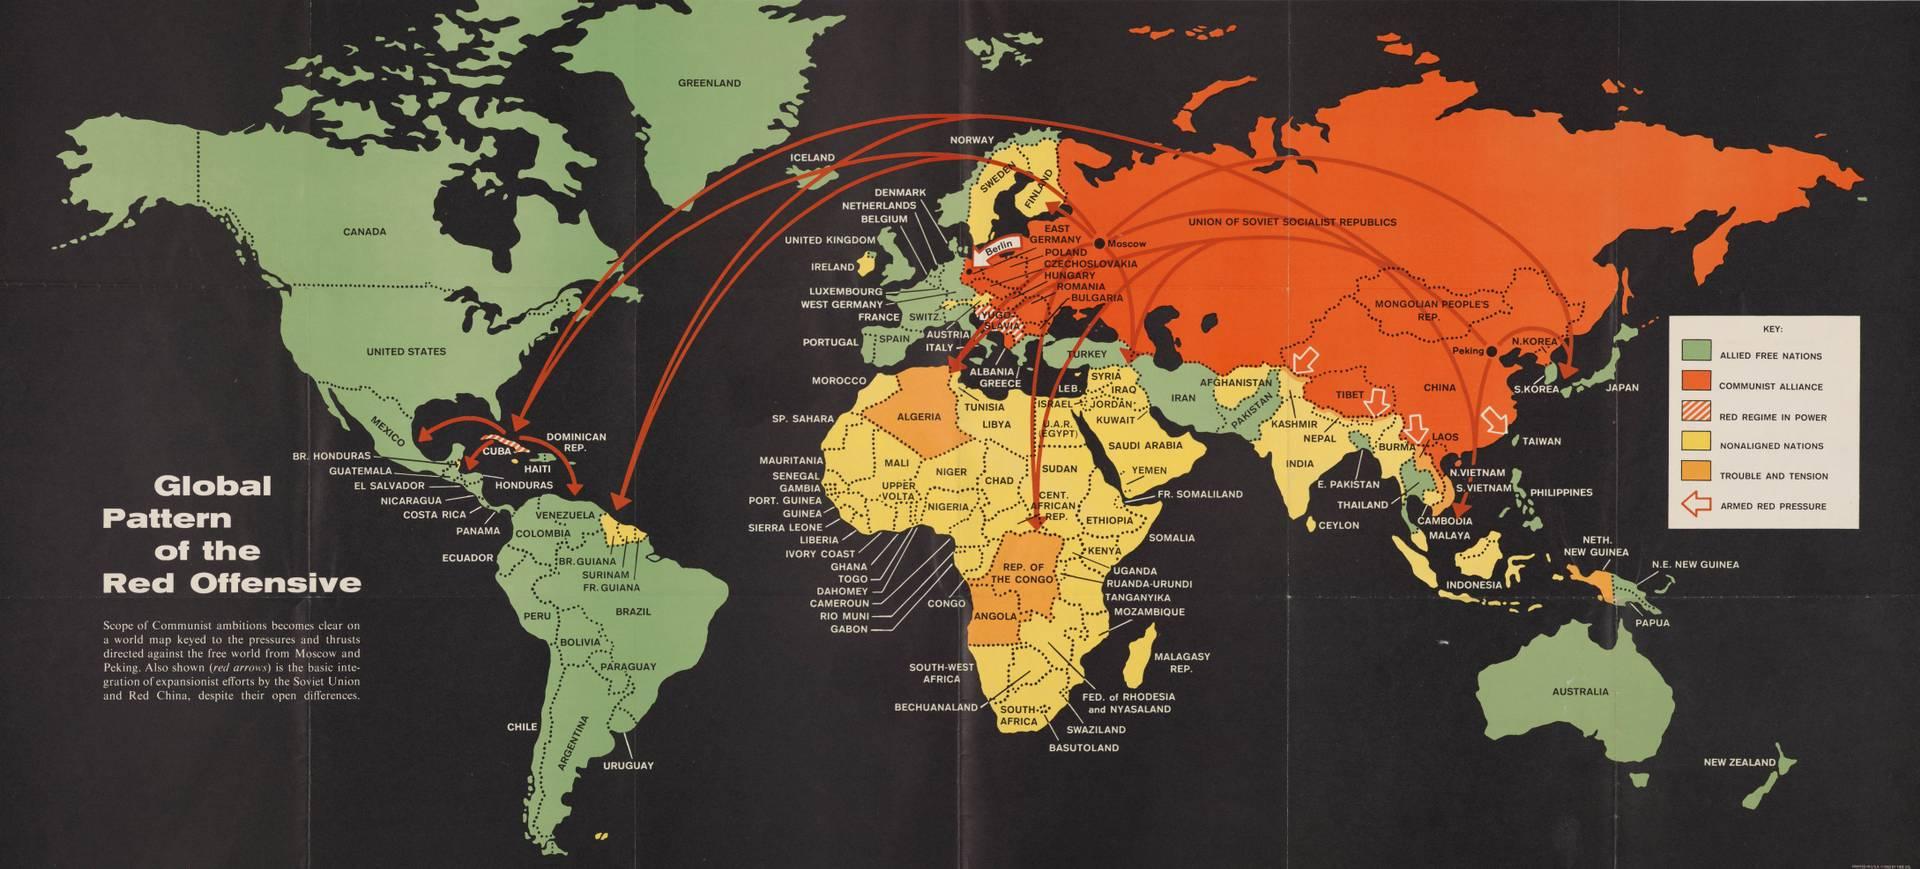 «Глобальная модель Красного наступления» из американской брошюры времен холодной войны. 1962